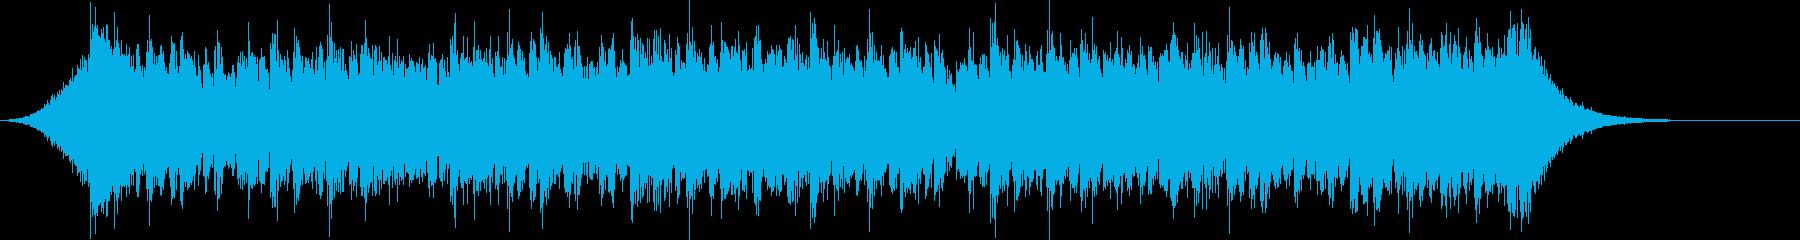 企業VP/オーケストラ/壮大/爽やか4cの再生済みの波形